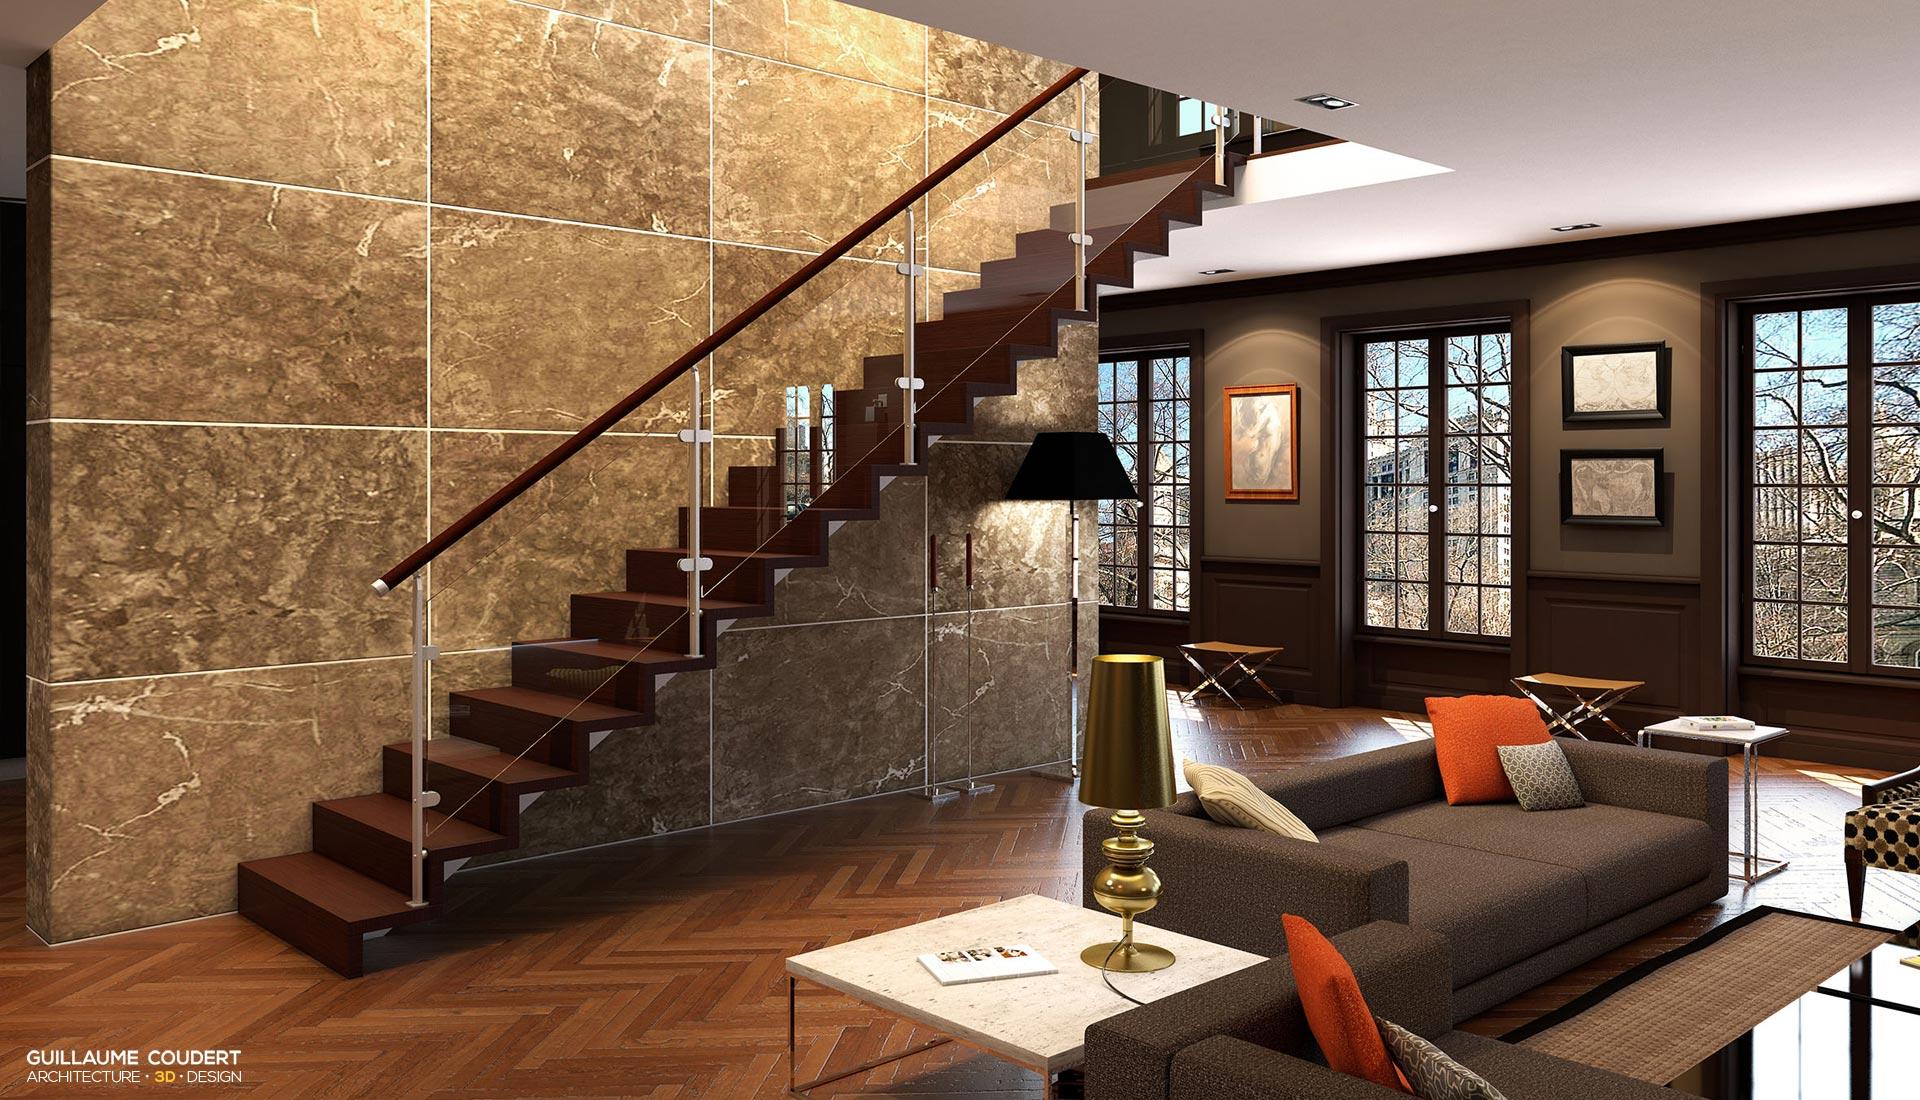 Plasse visuels 2015 1 guillaume coudert architecture d 39 int rieur - Escalier plasse prix ...